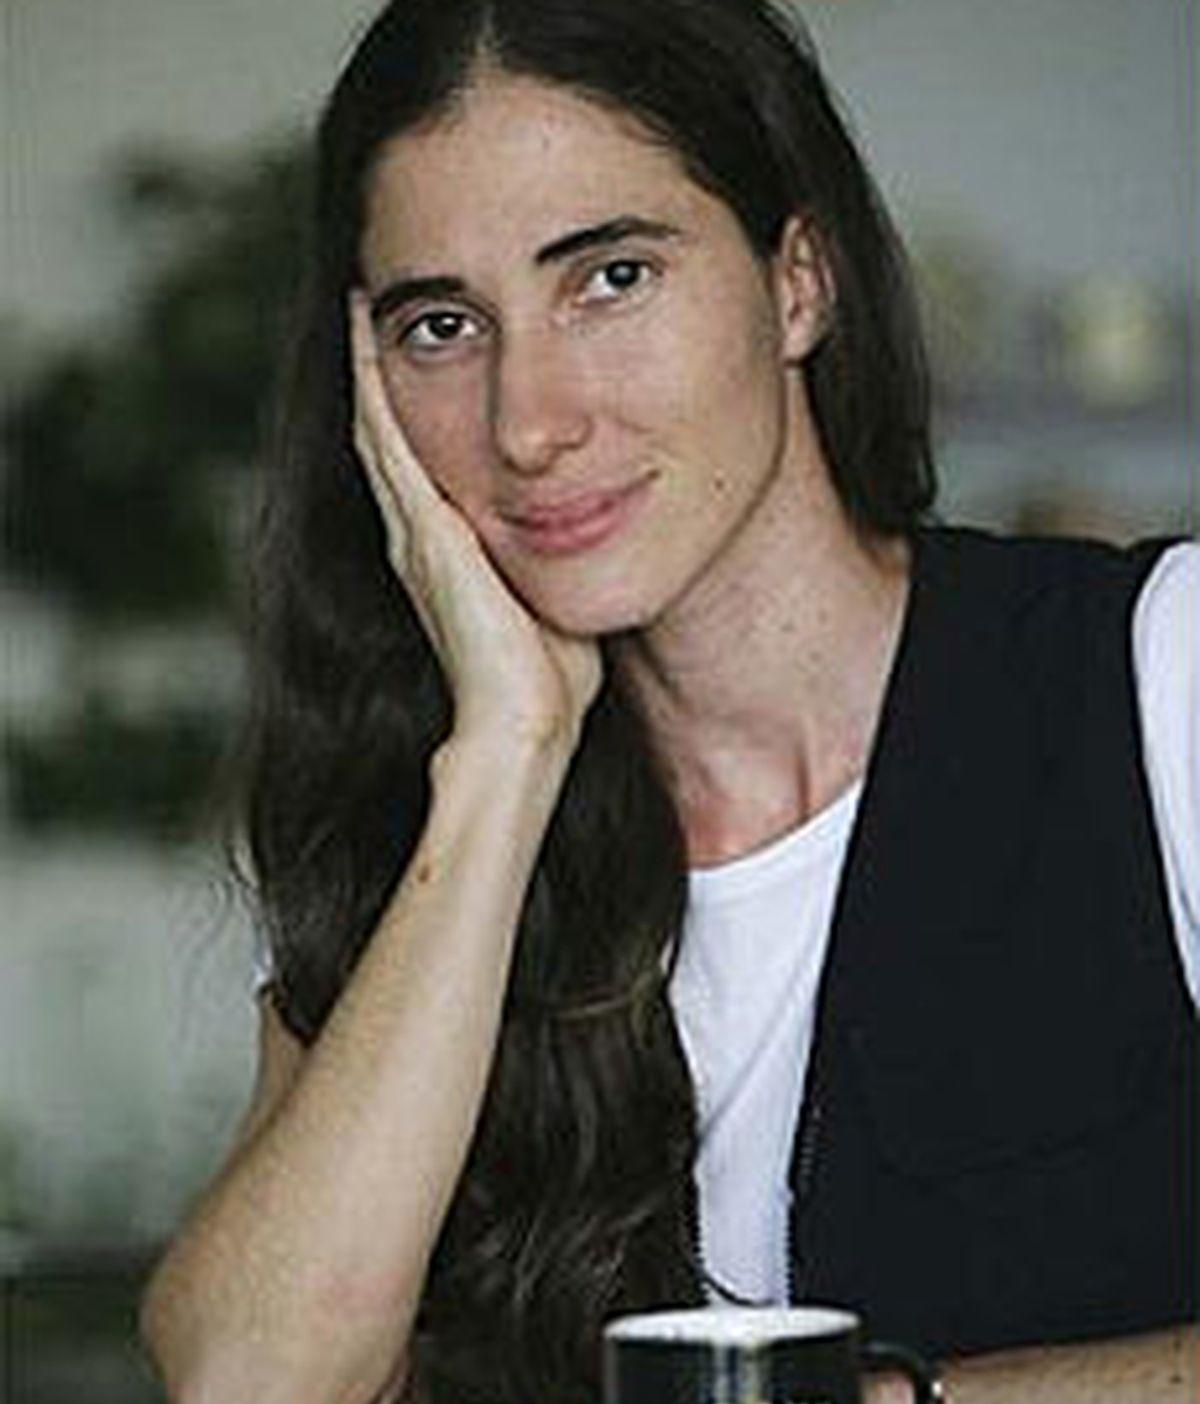 La bloguera cubana, premio Ortega y Gasset de Periodismo 2008, no puede salir de la isla. Foto blog Generación Y